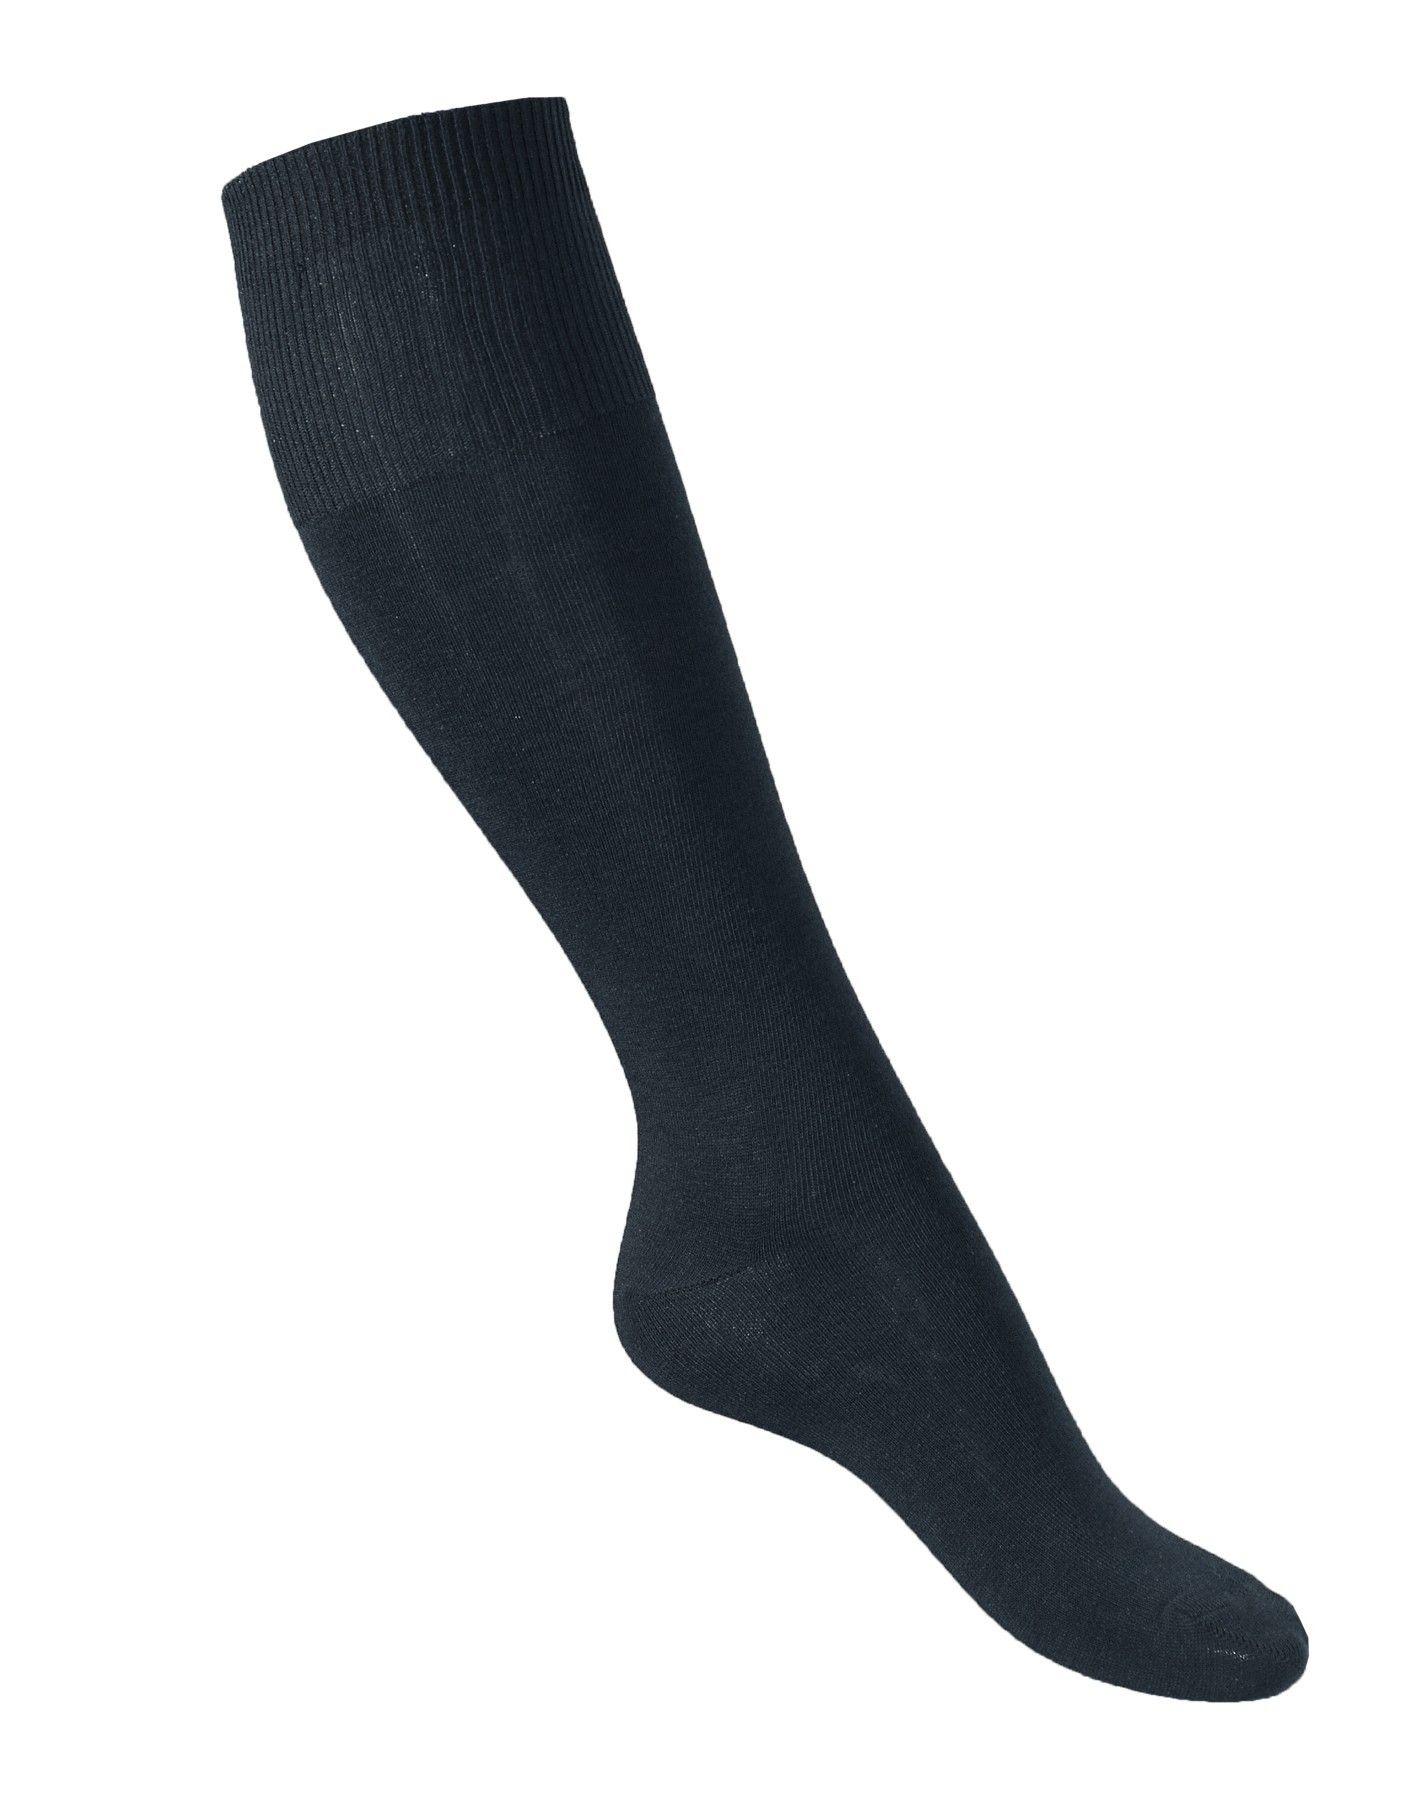 e06aa1a18de Chaussettes chaudes hautes femme 75% laine mérinos très fines